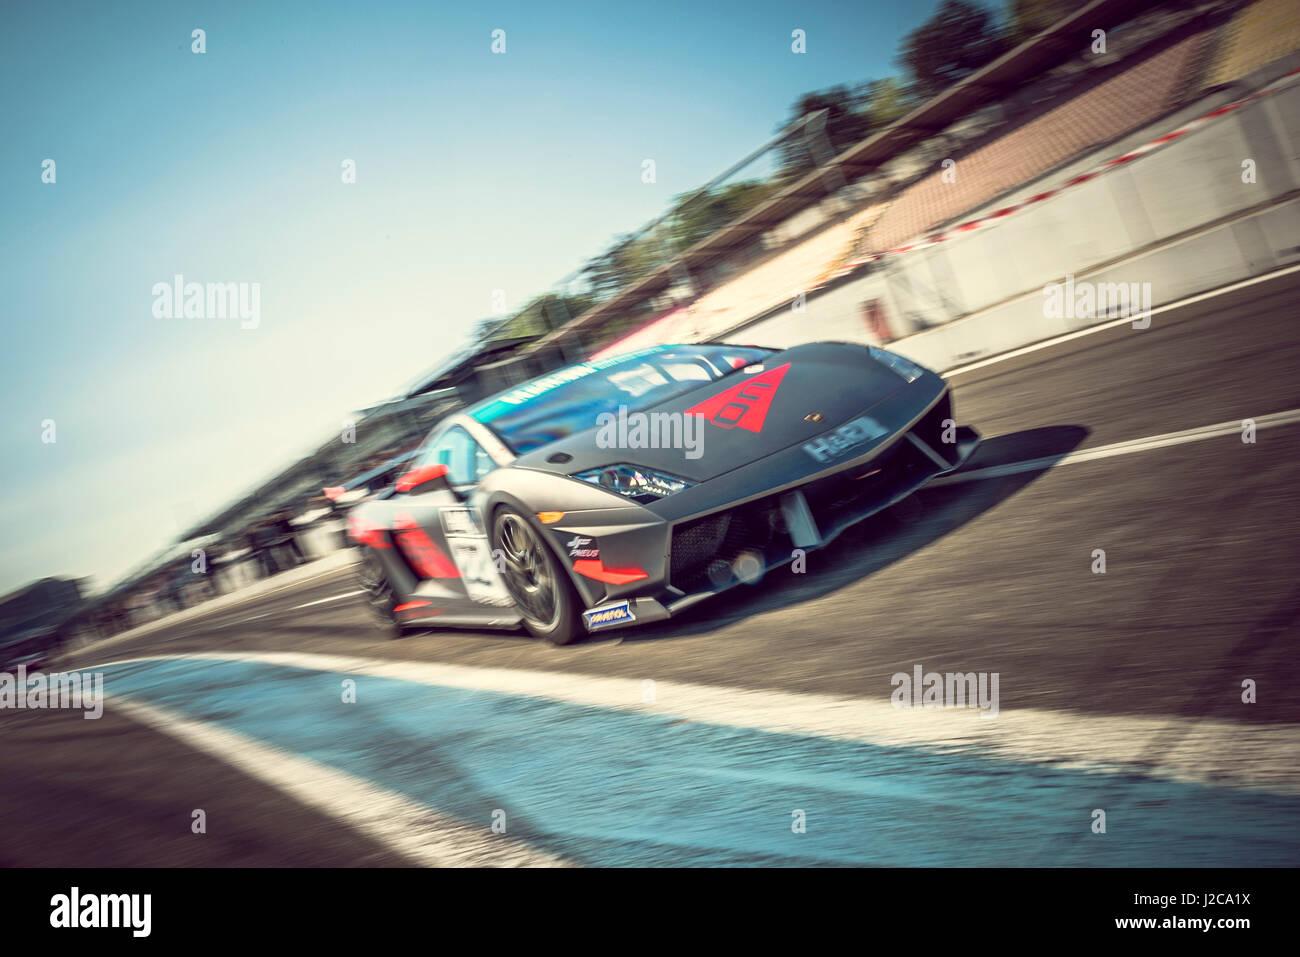 Lamborghini Huracan Race Car   Classic Car Race   Stock Image